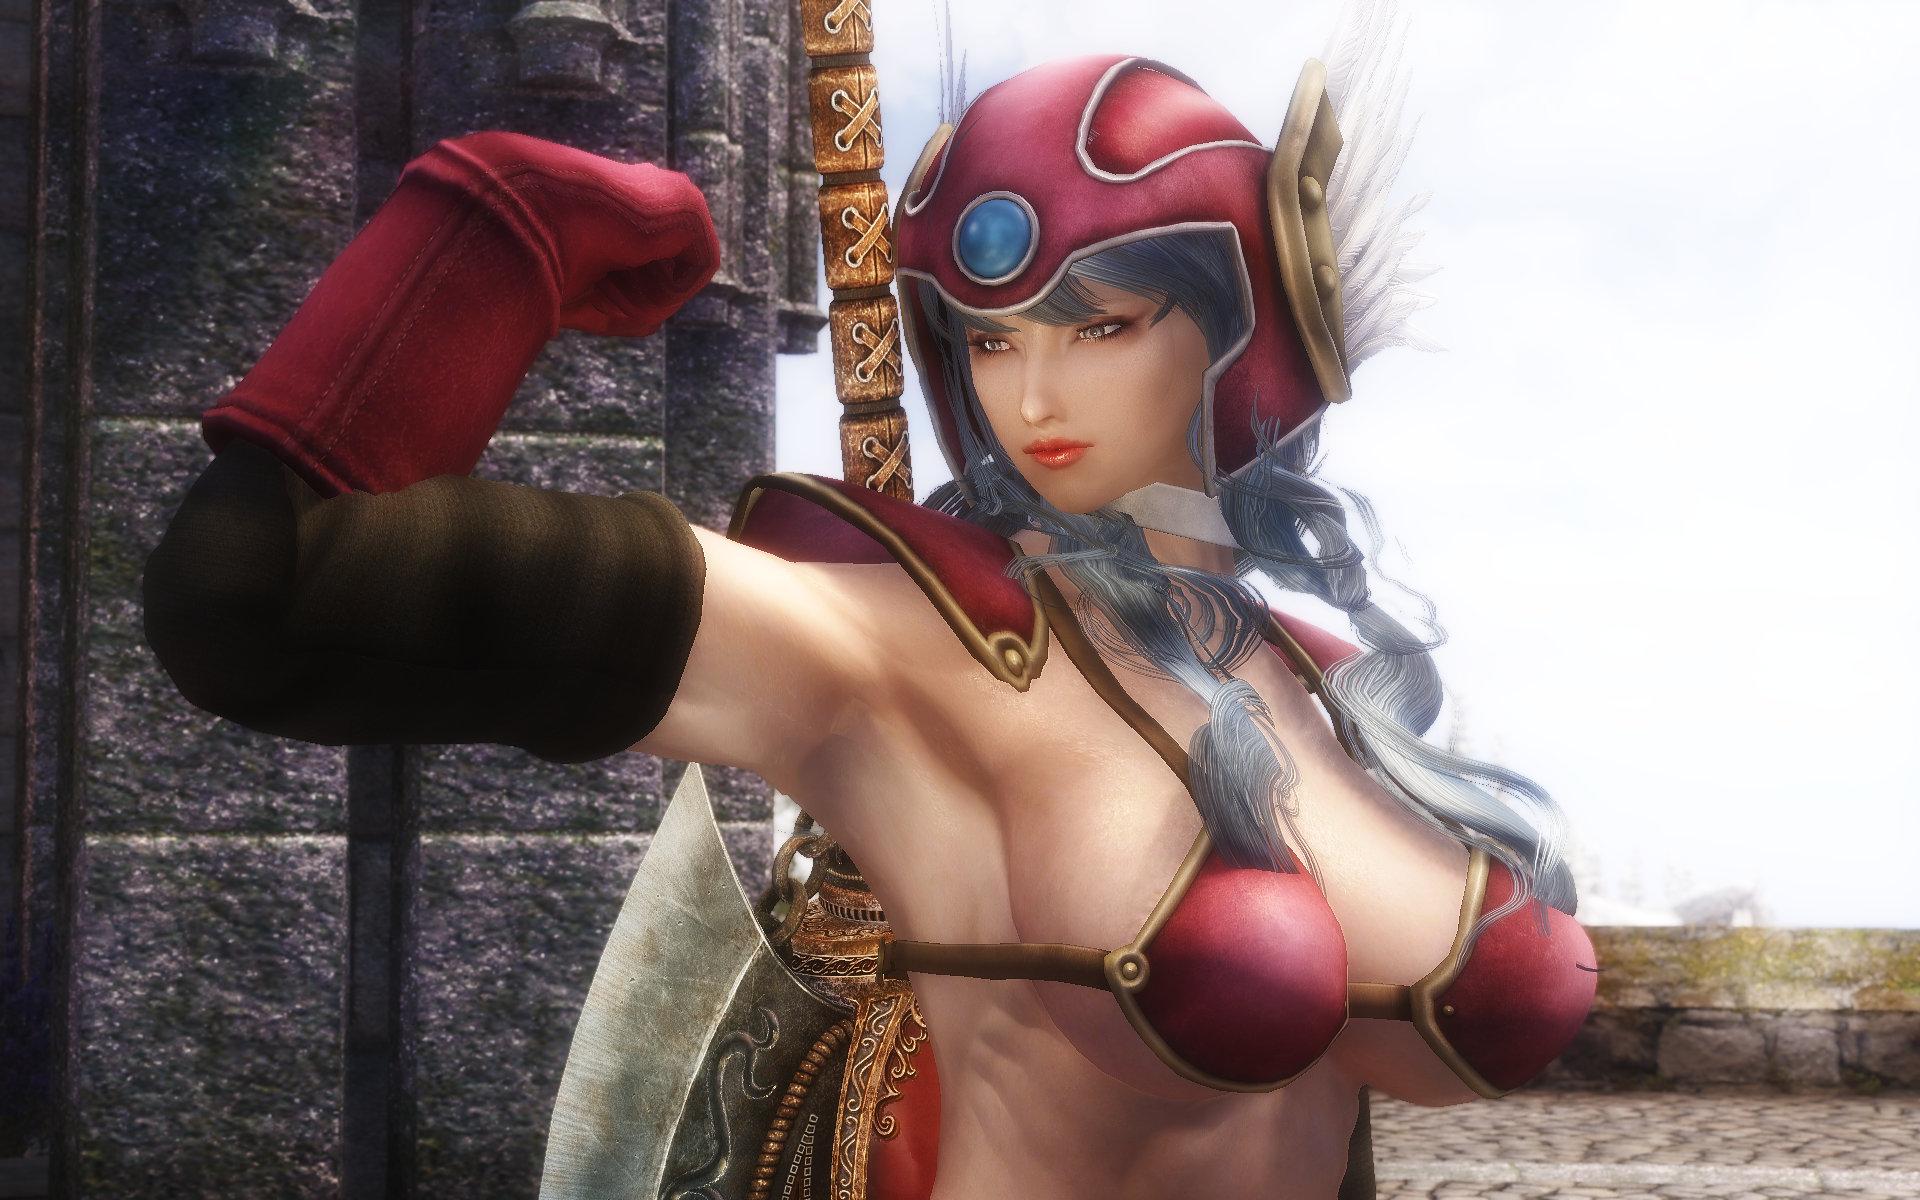 Dragon Quest 3 Female Warrior